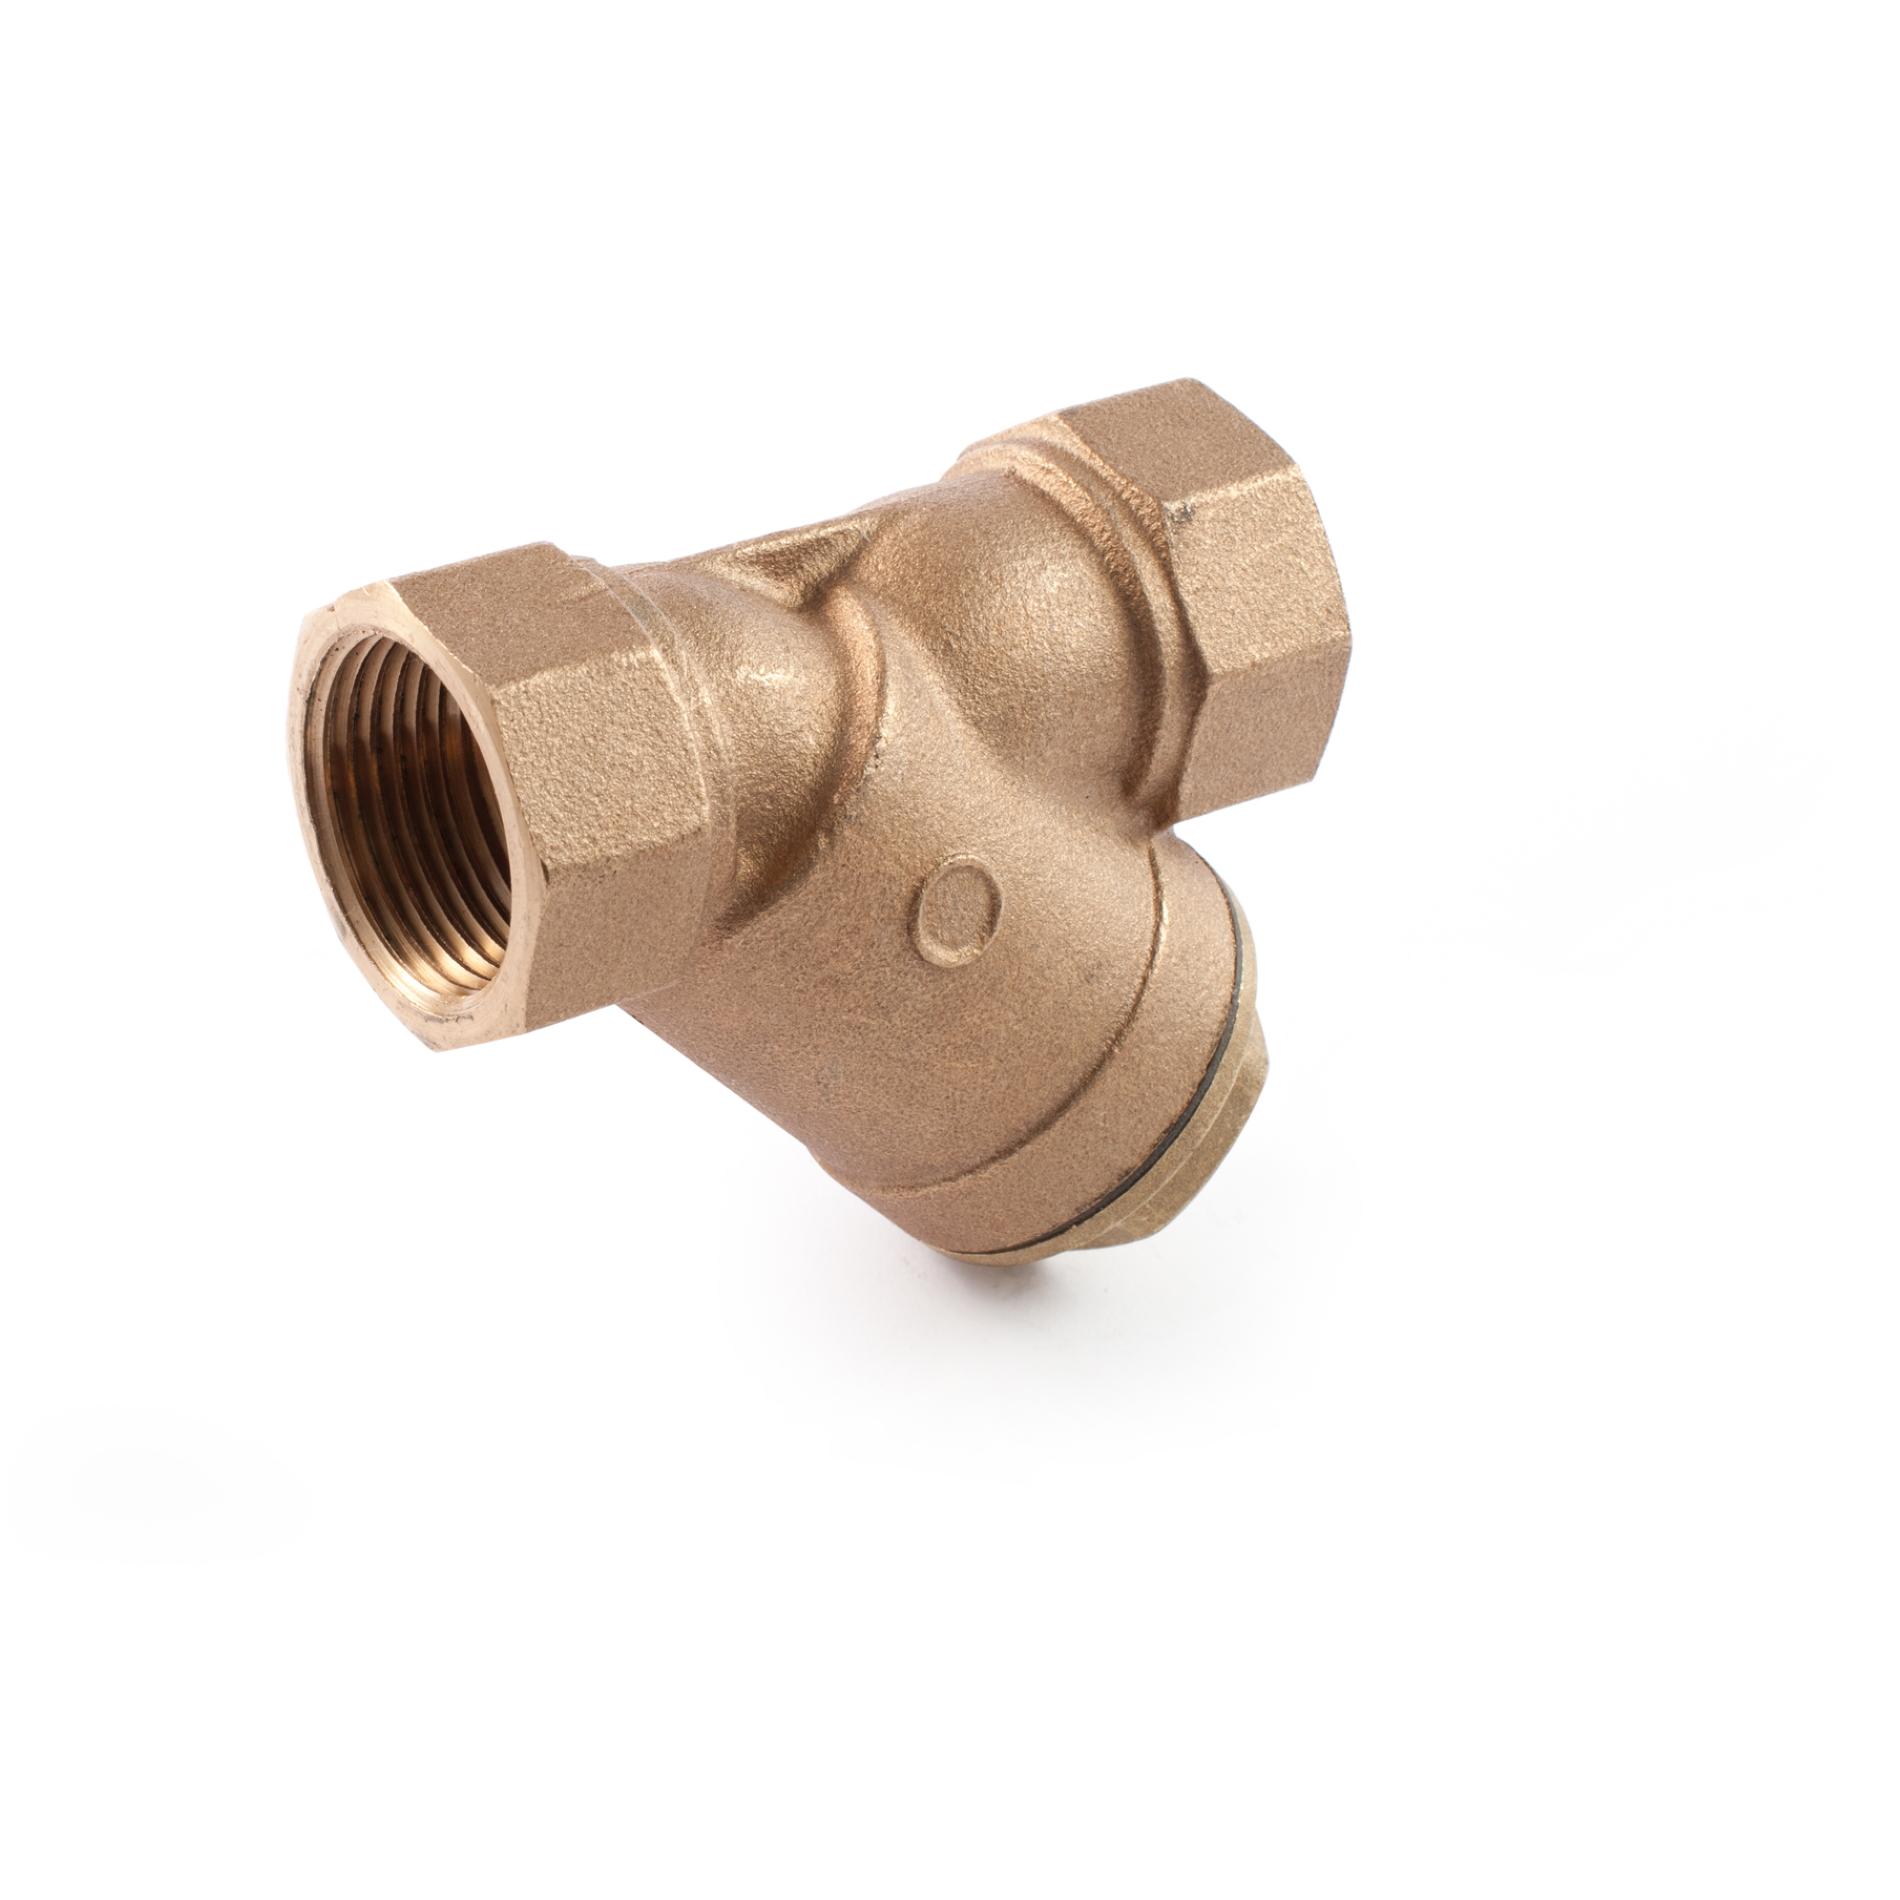 411 Filtro in bronzo per liquidi Bronze Y pattern strainer for liquids